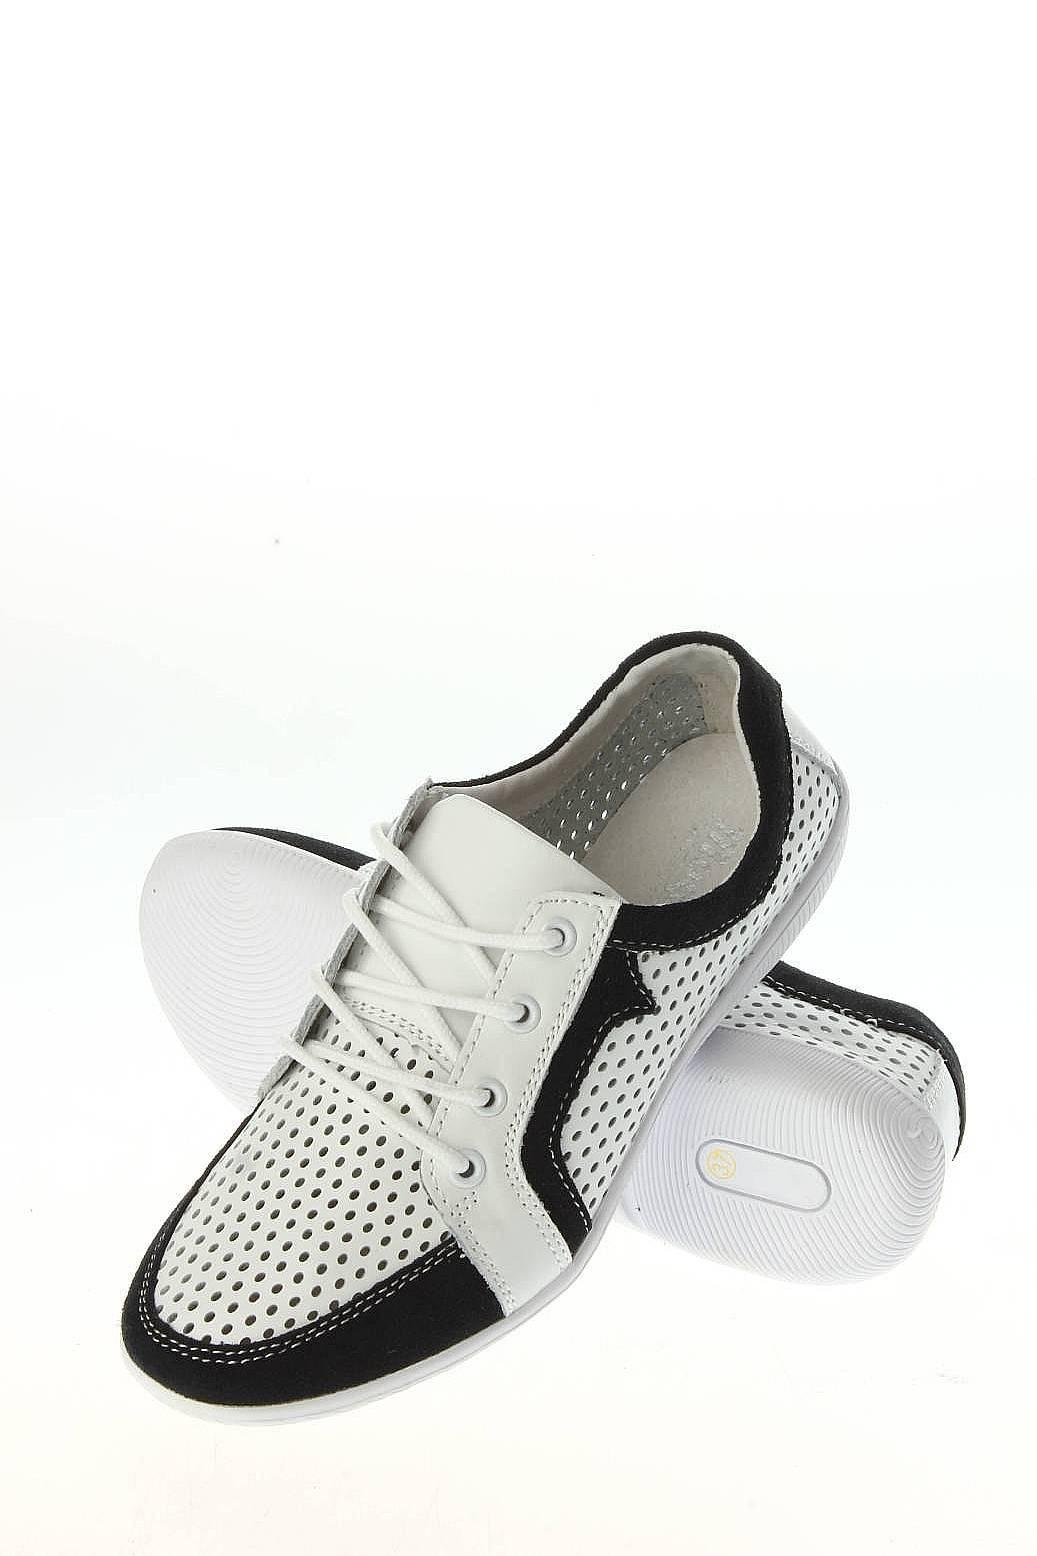 Мужская Обувь Детская Обувь Женская Обувь Кроссовки: Tofa Обувь